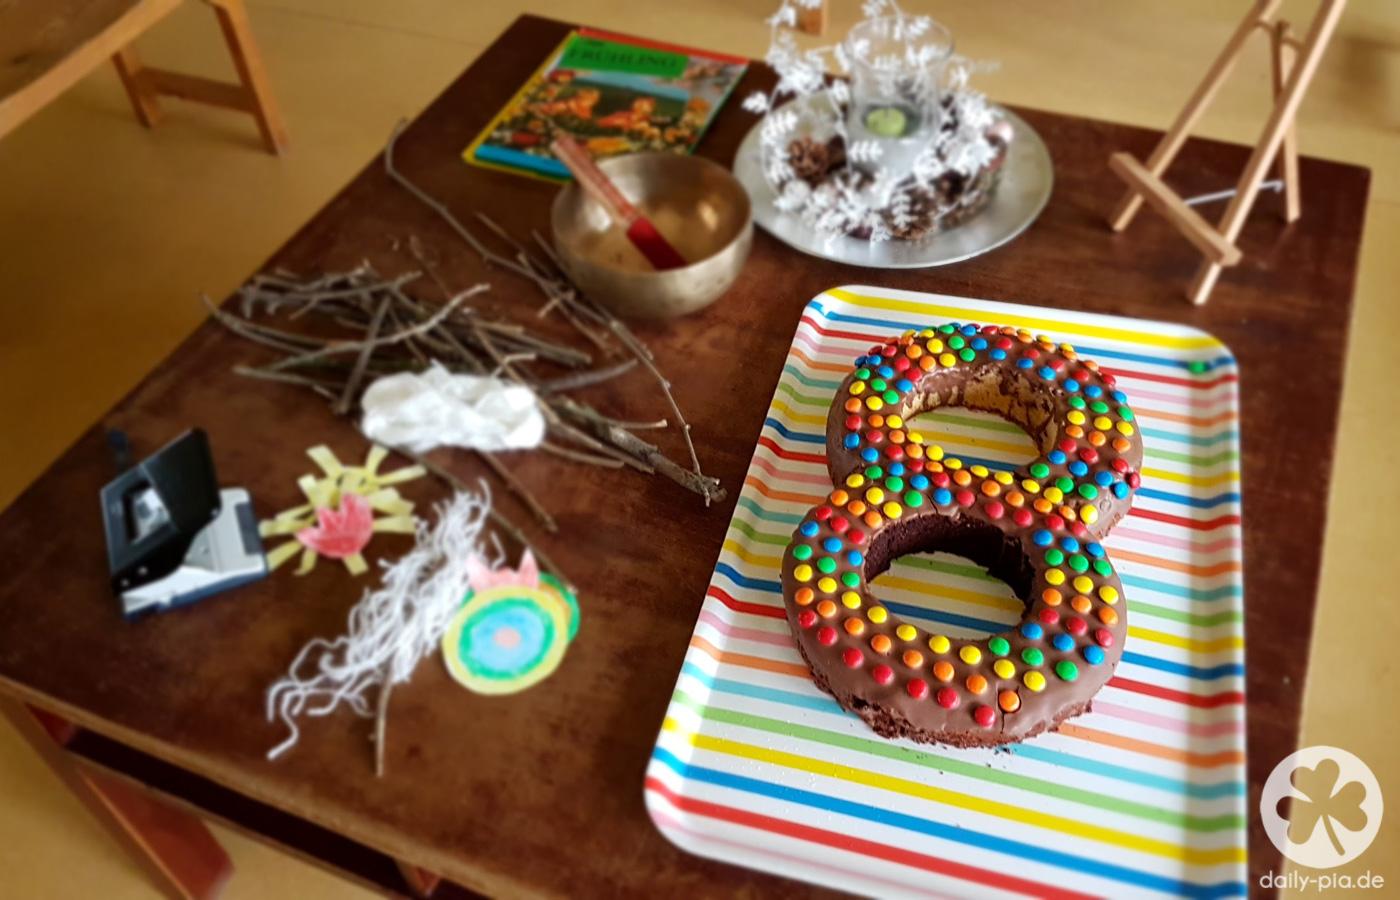 kuchen zum 8 geburtstag beliebte rezepte von urlaub kuchen foto blog. Black Bedroom Furniture Sets. Home Design Ideas